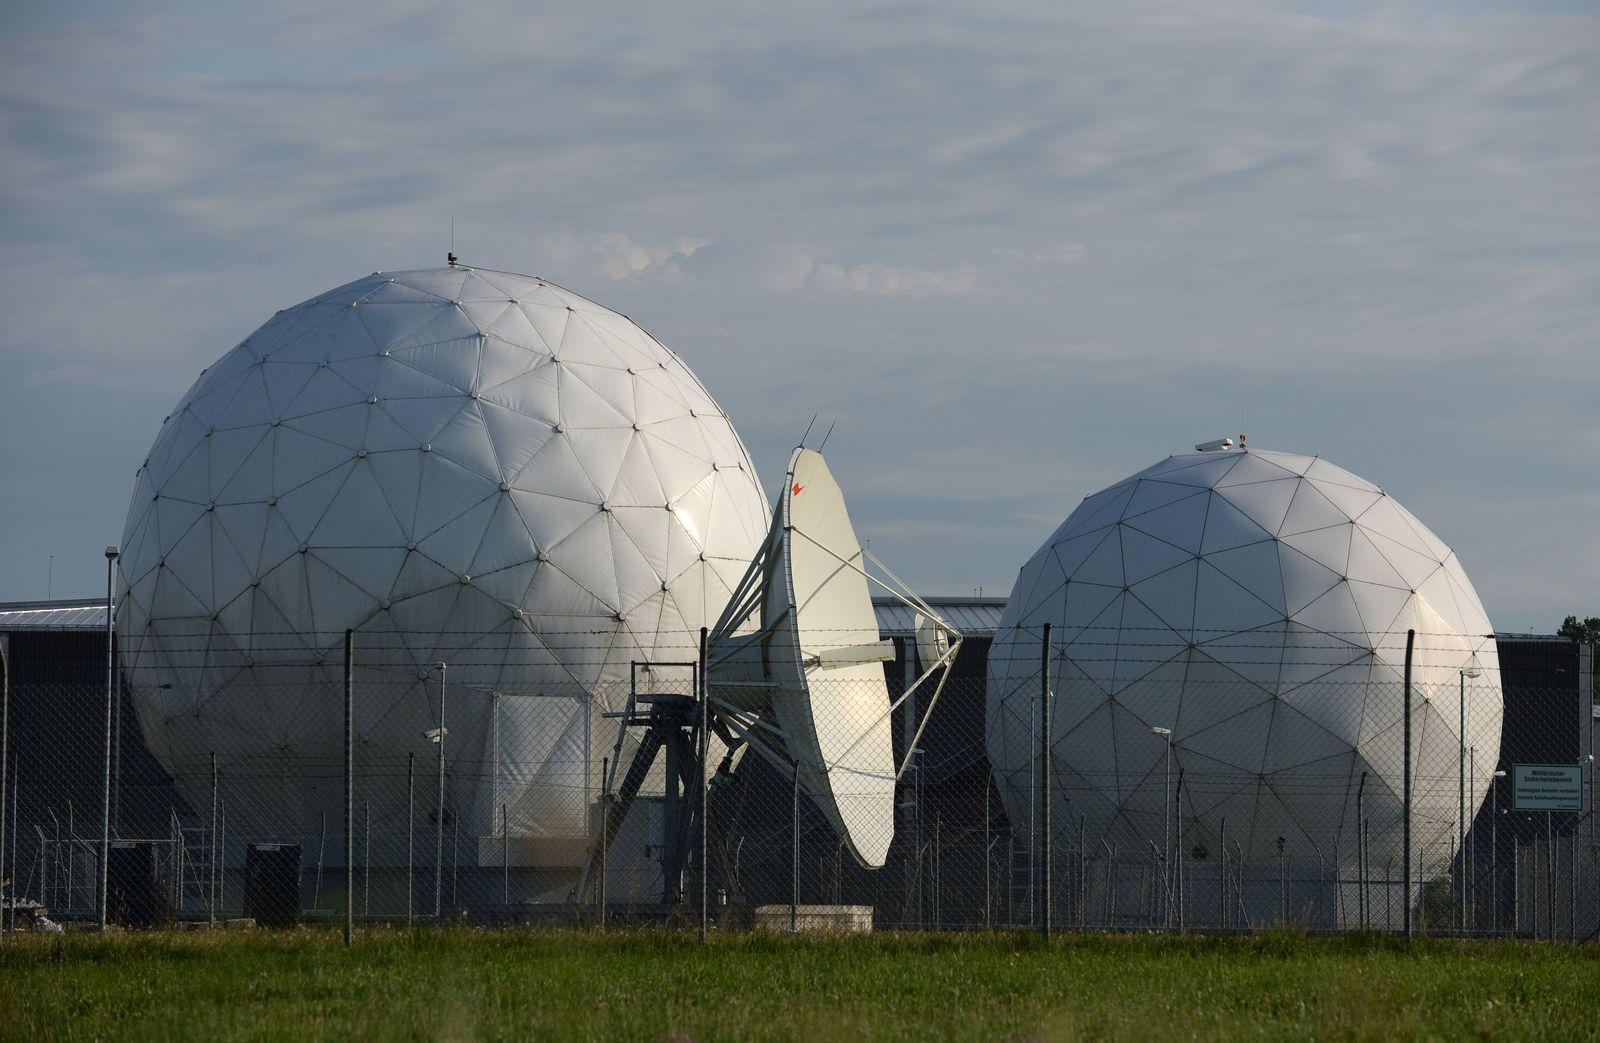 Ehemalige NSA-Abhörstation Bad Aibling